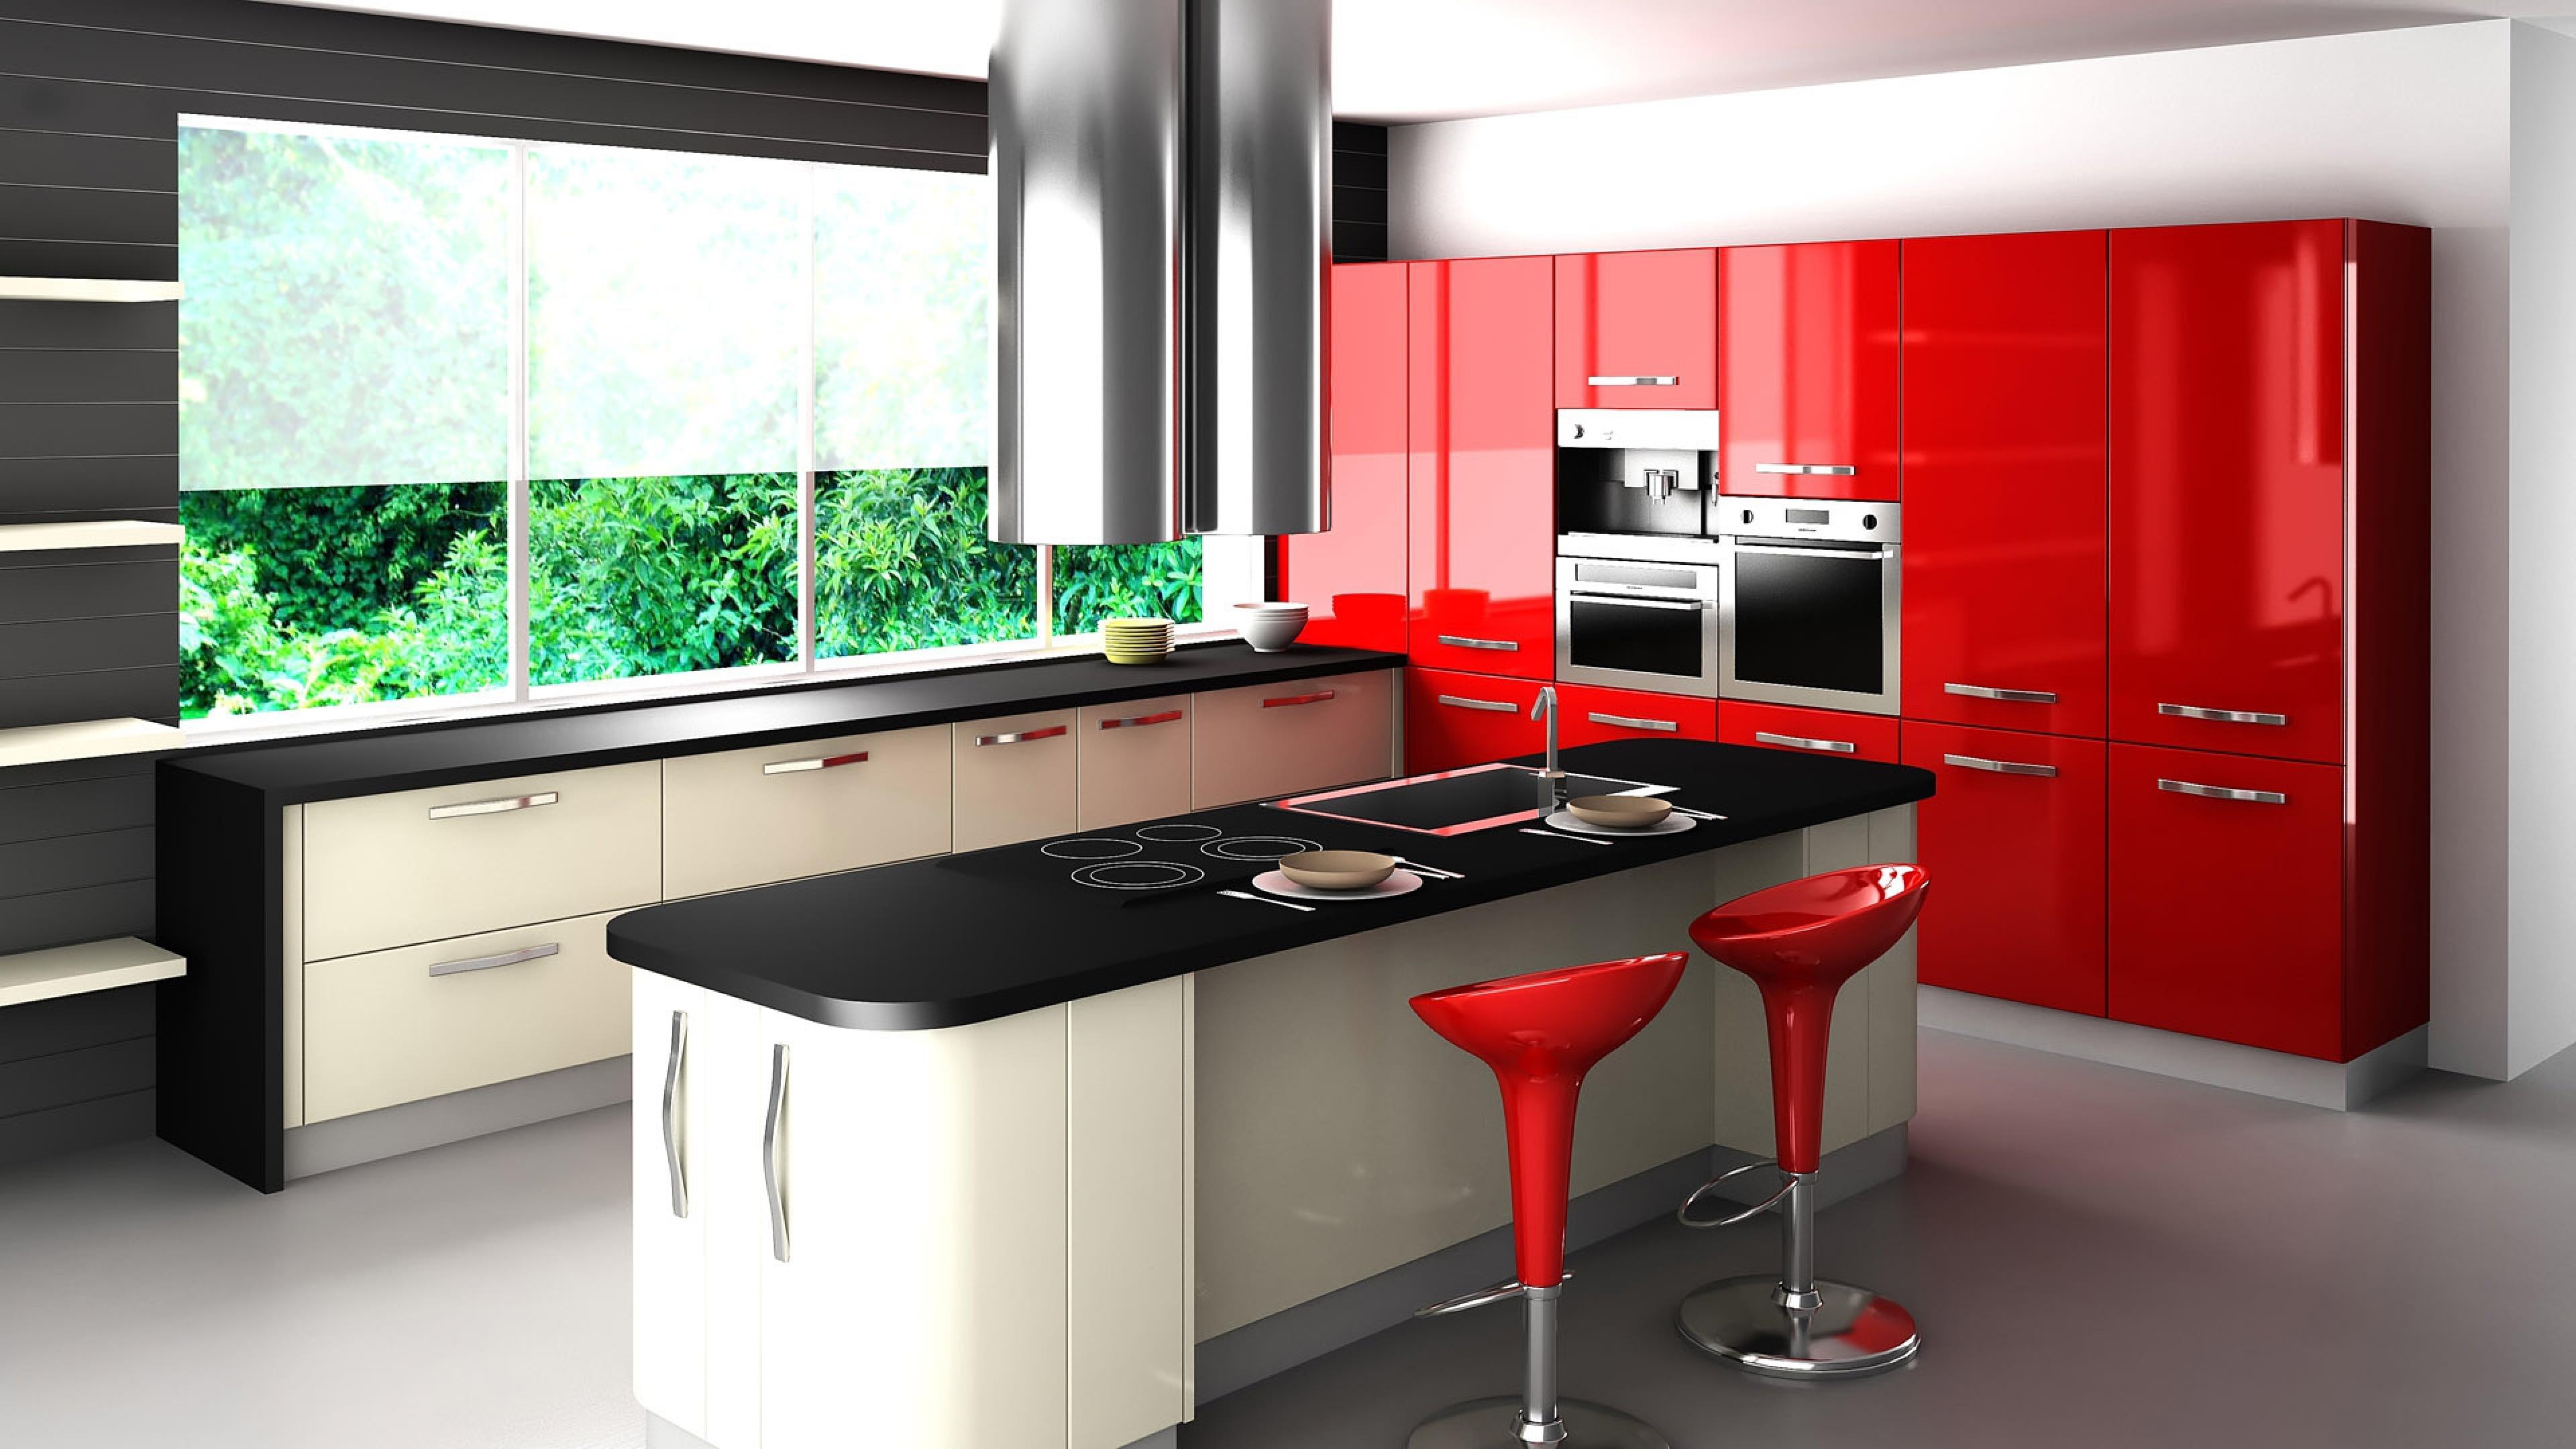 Kitchen Design Interior Design 25705 3840x2160 Ultra Hd Computer